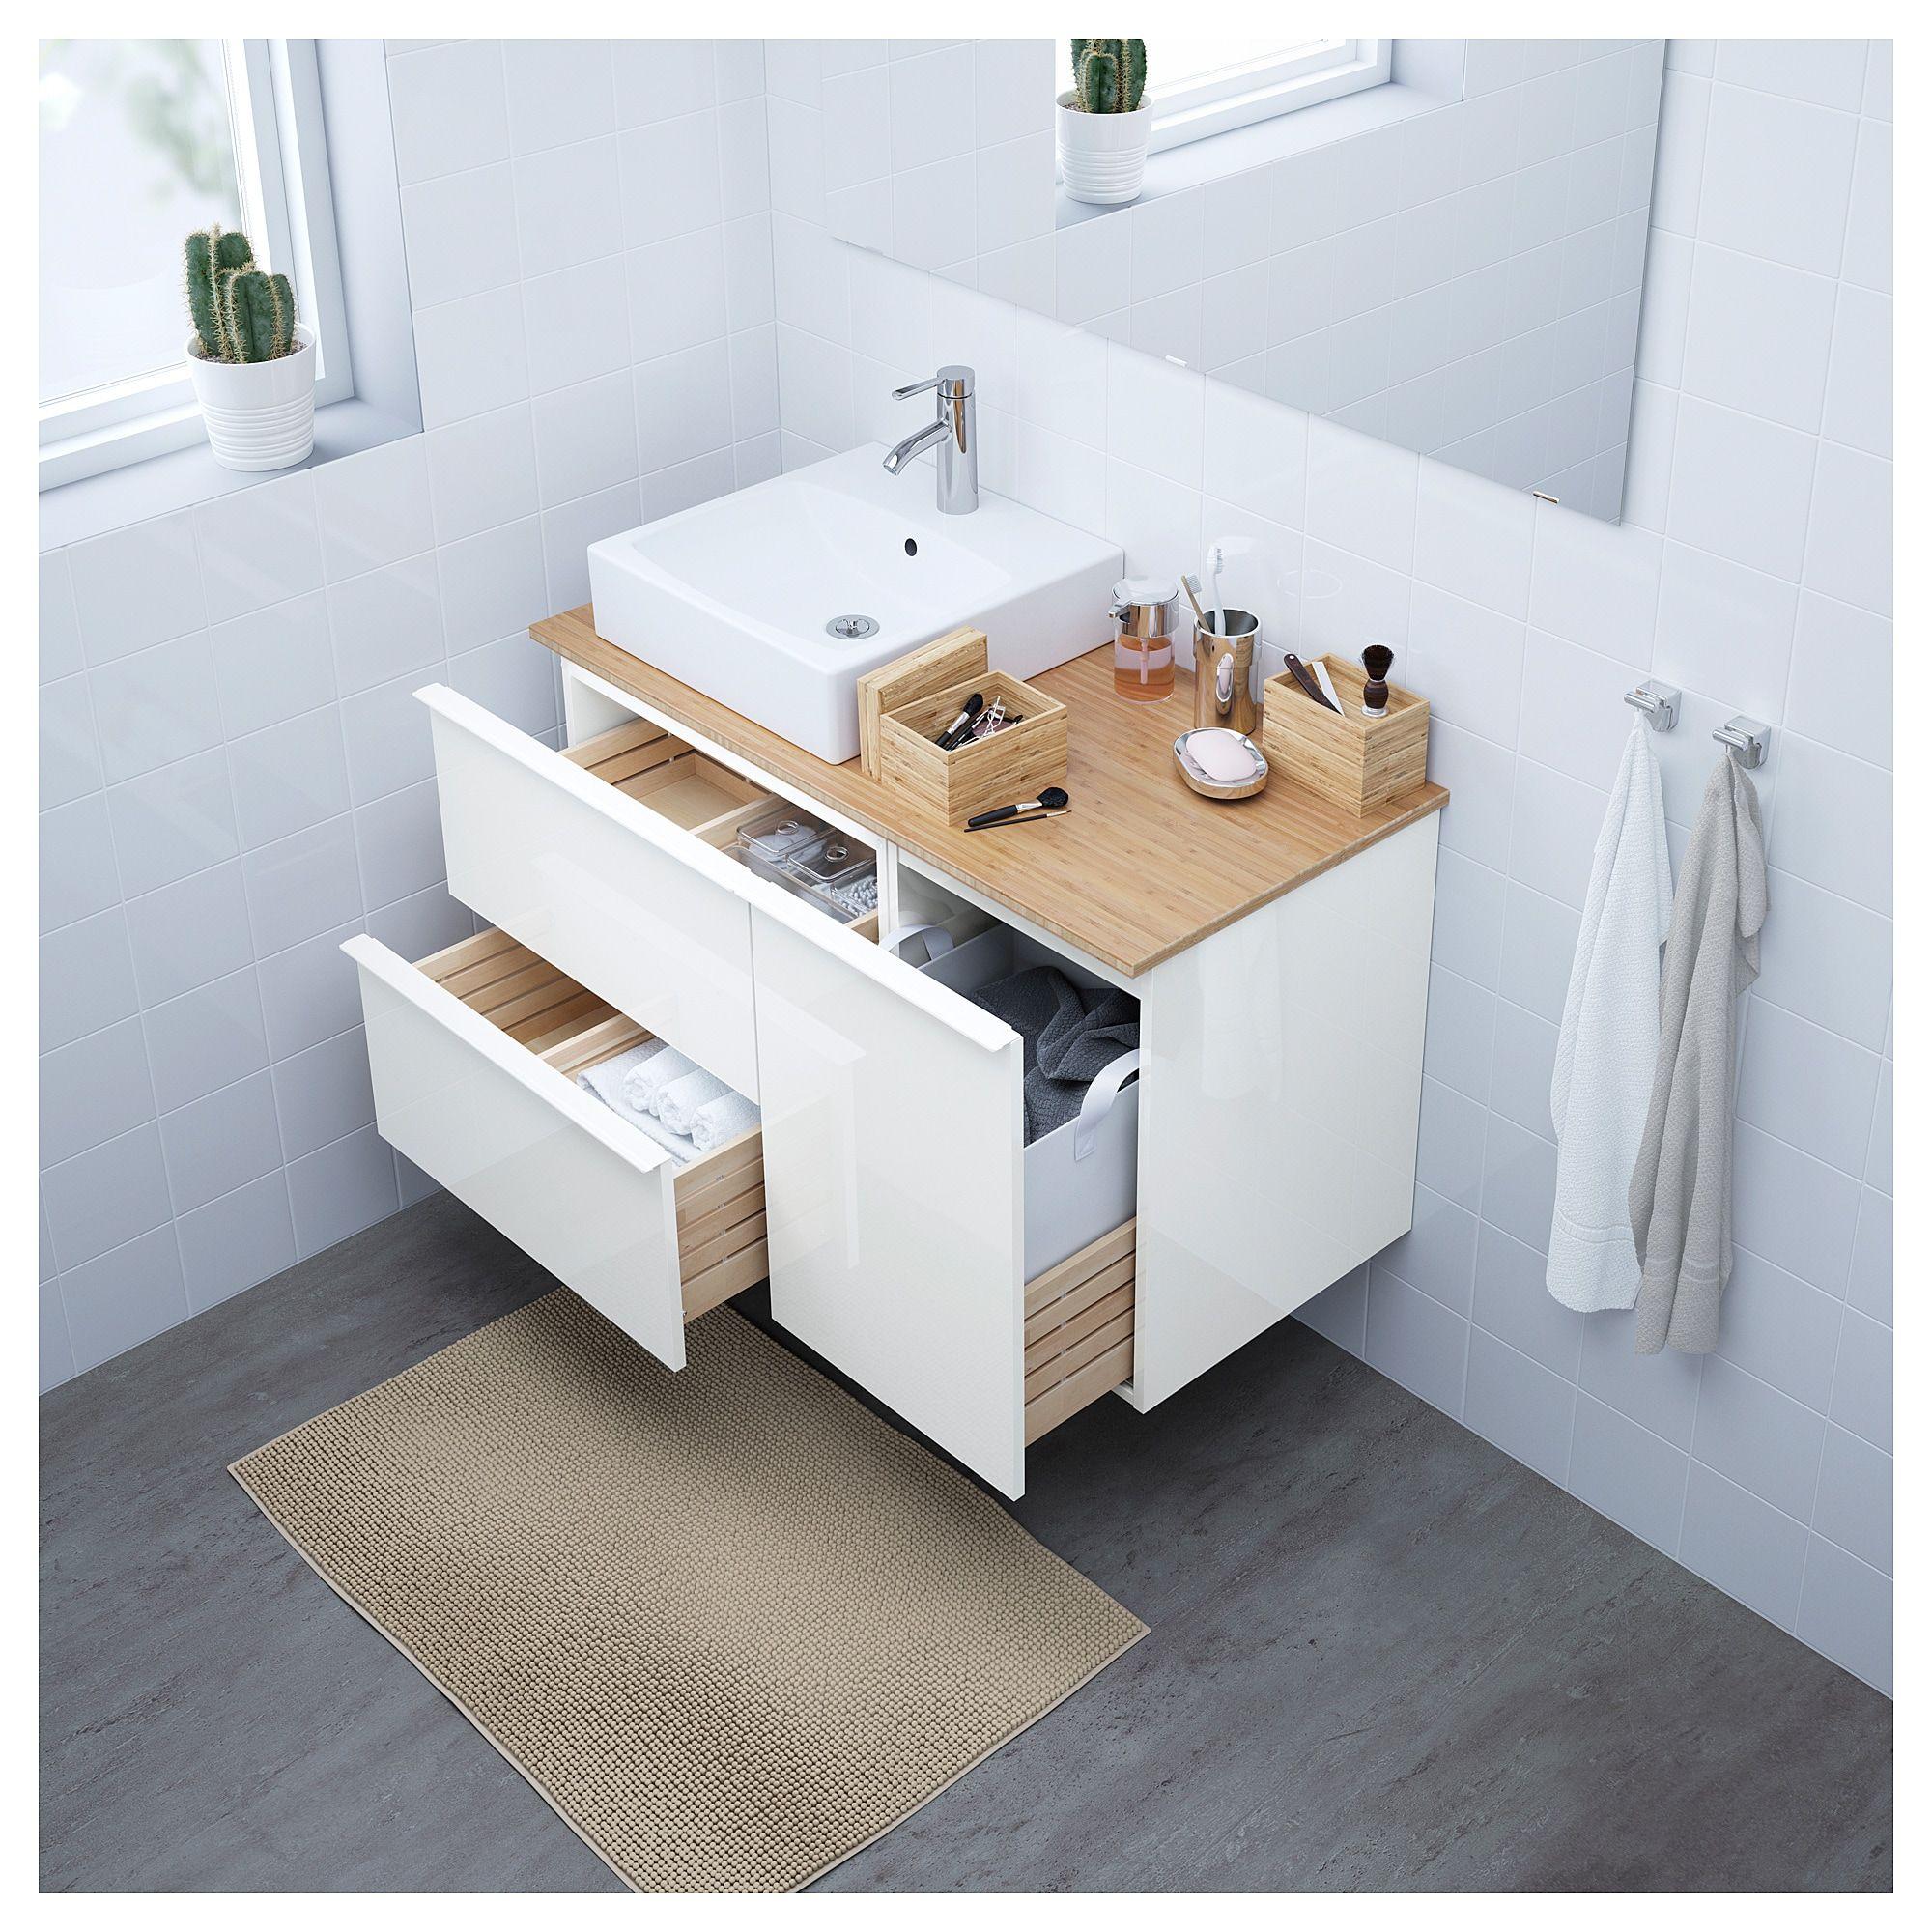 Godmorgon Tolken Tornviken Waschbschr Waschb 45x45 Hochglanz Weiss Mit Bildern Ikea Godmorgon Waschbeckenschrank Ikea